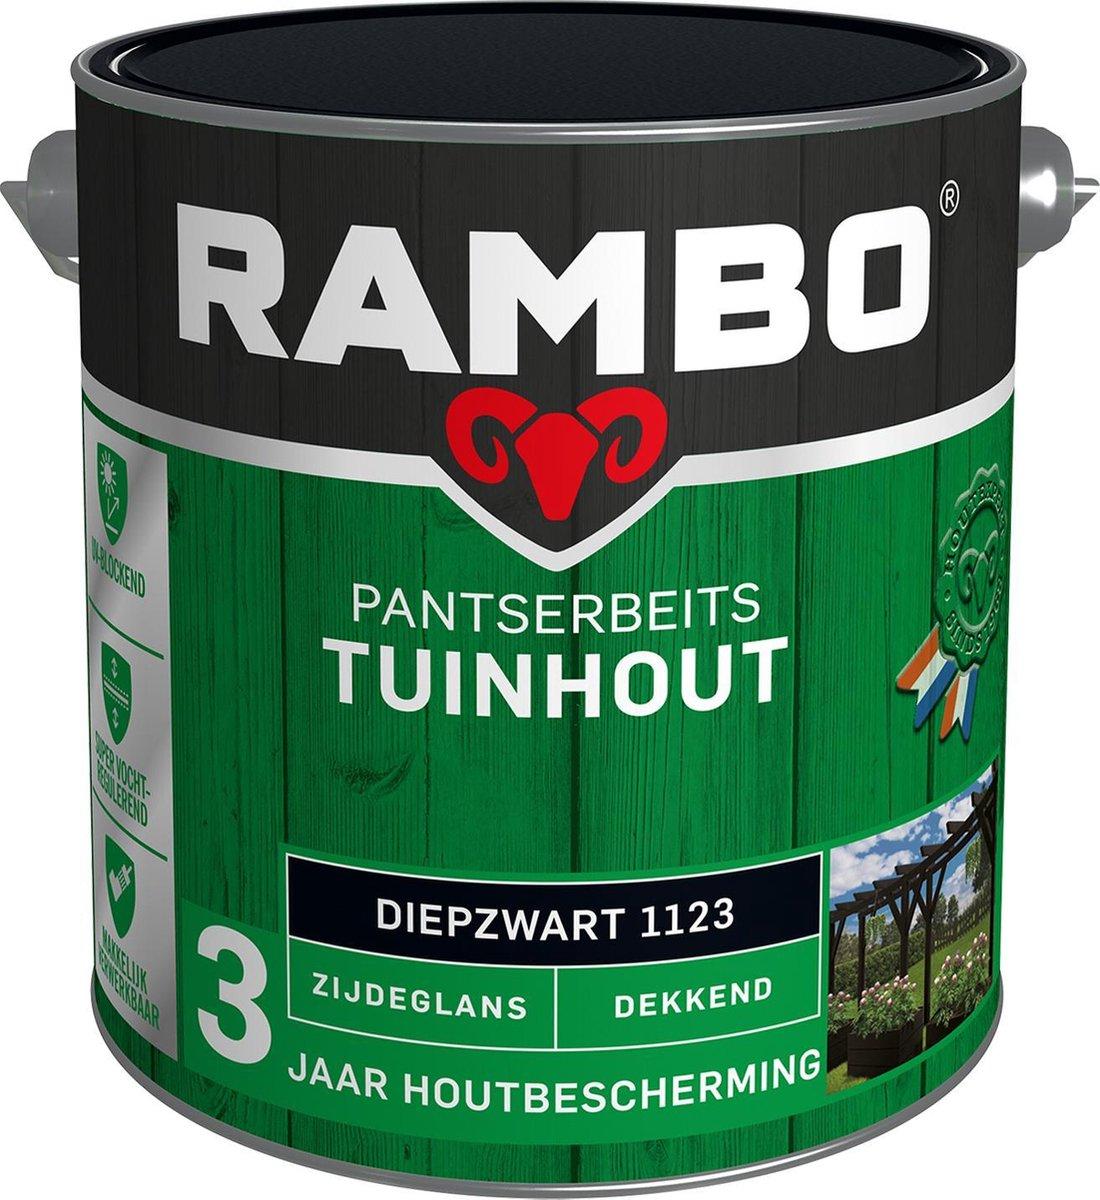 Rambo Tuinhout Pantserbeits Zijdeglans Dekkend - Diepzwart 1123 - 2,5 Liter